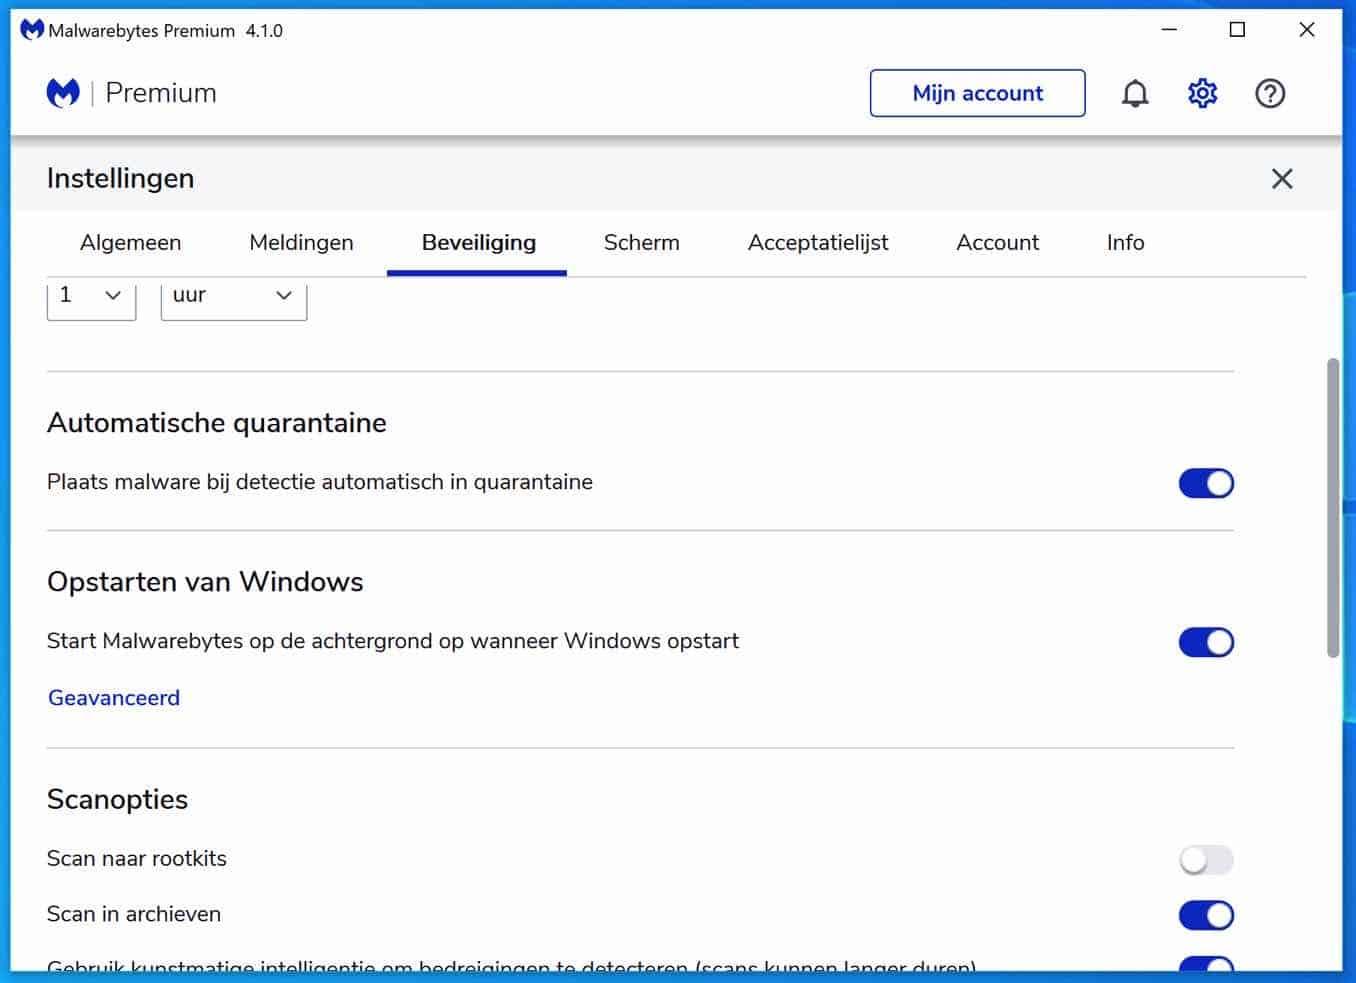 malwarebytes opstarten van windows